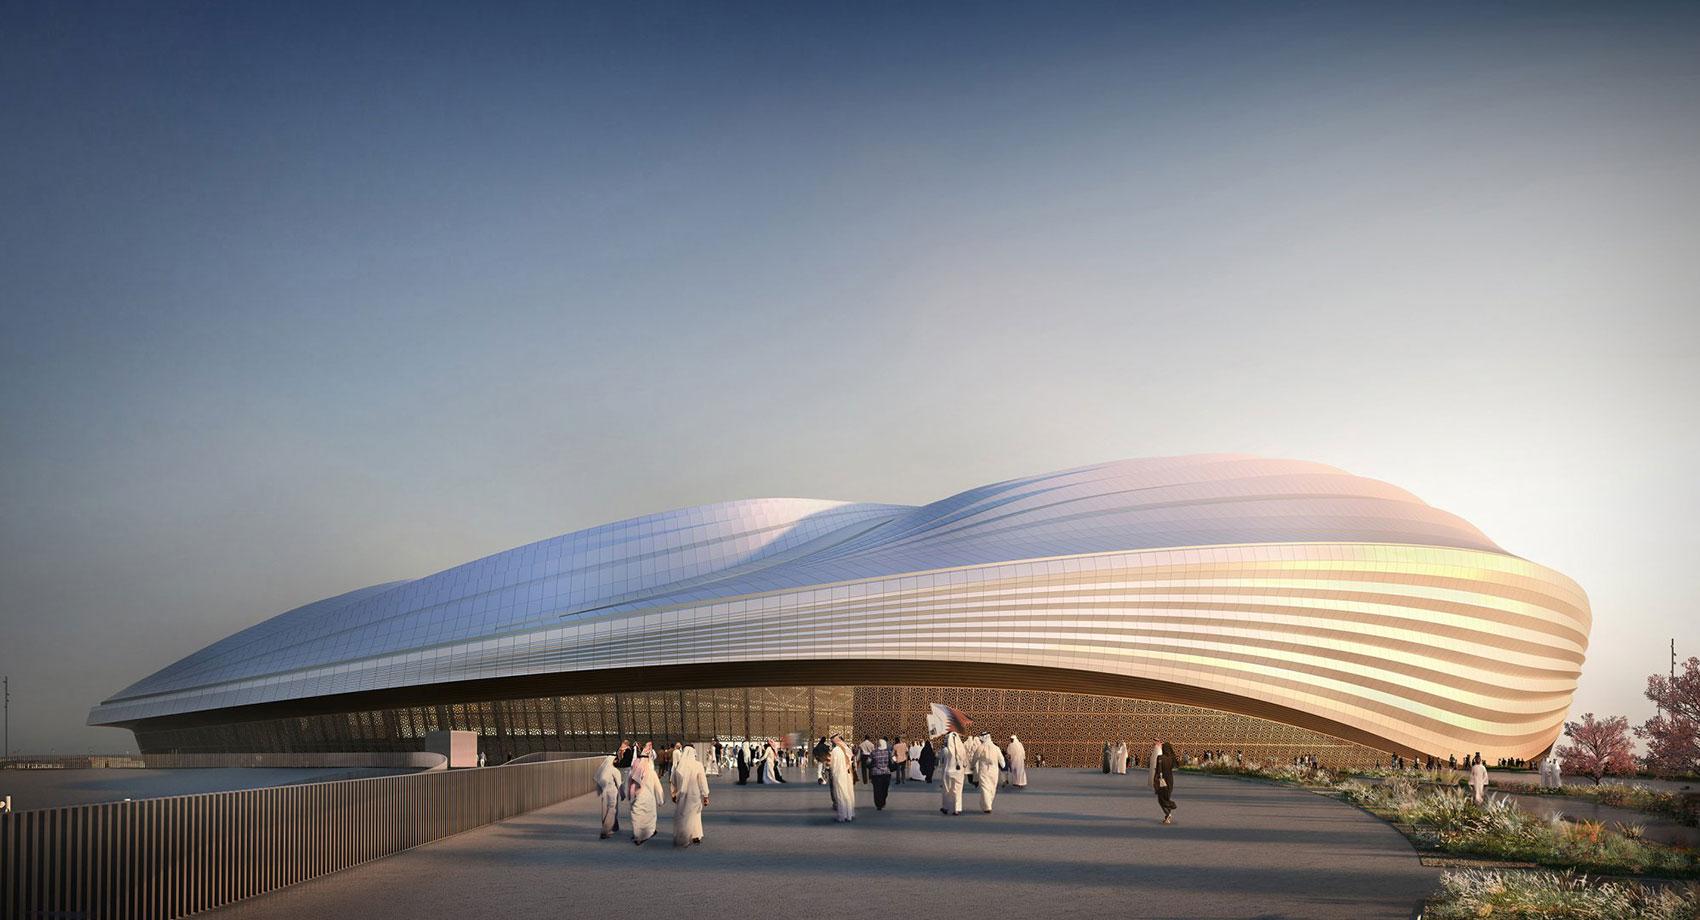 Stadium Al-Wakrah diseño arquitectónico paramétrico realizado por la arquitecta anglo-iraquí Zaha Hadid